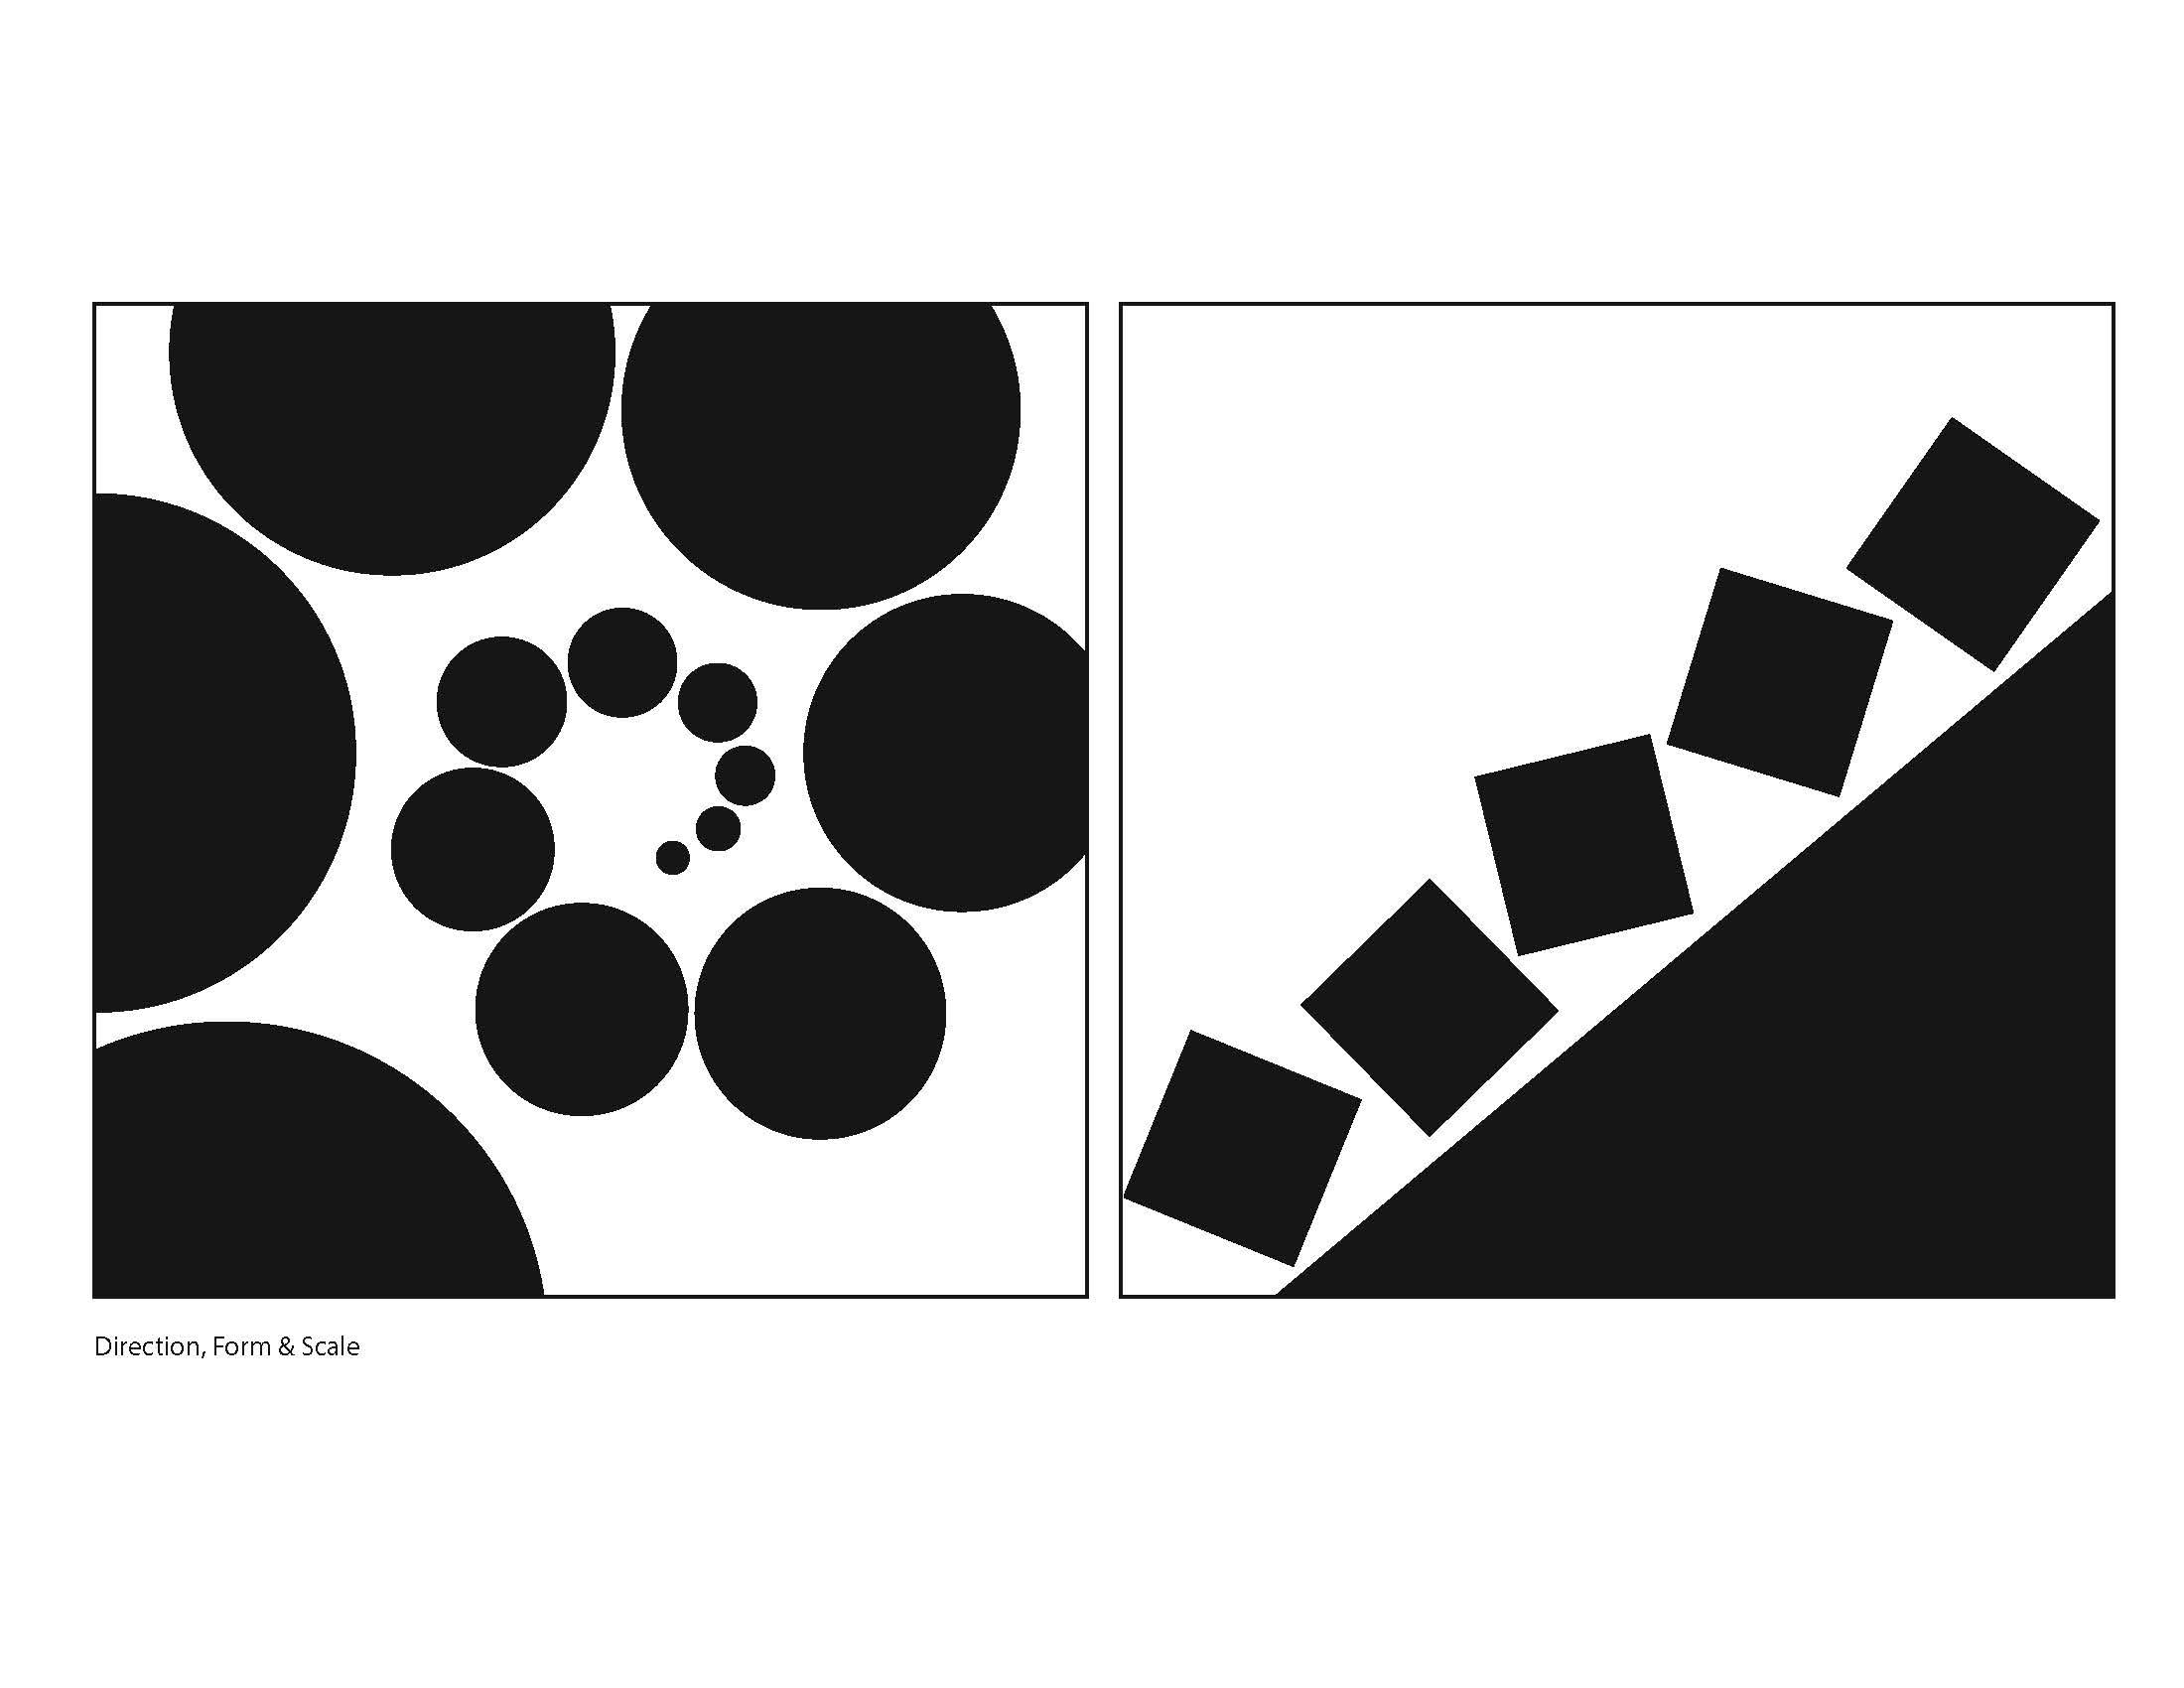 Elements Of Design Direction : Elements of design form pixshark images